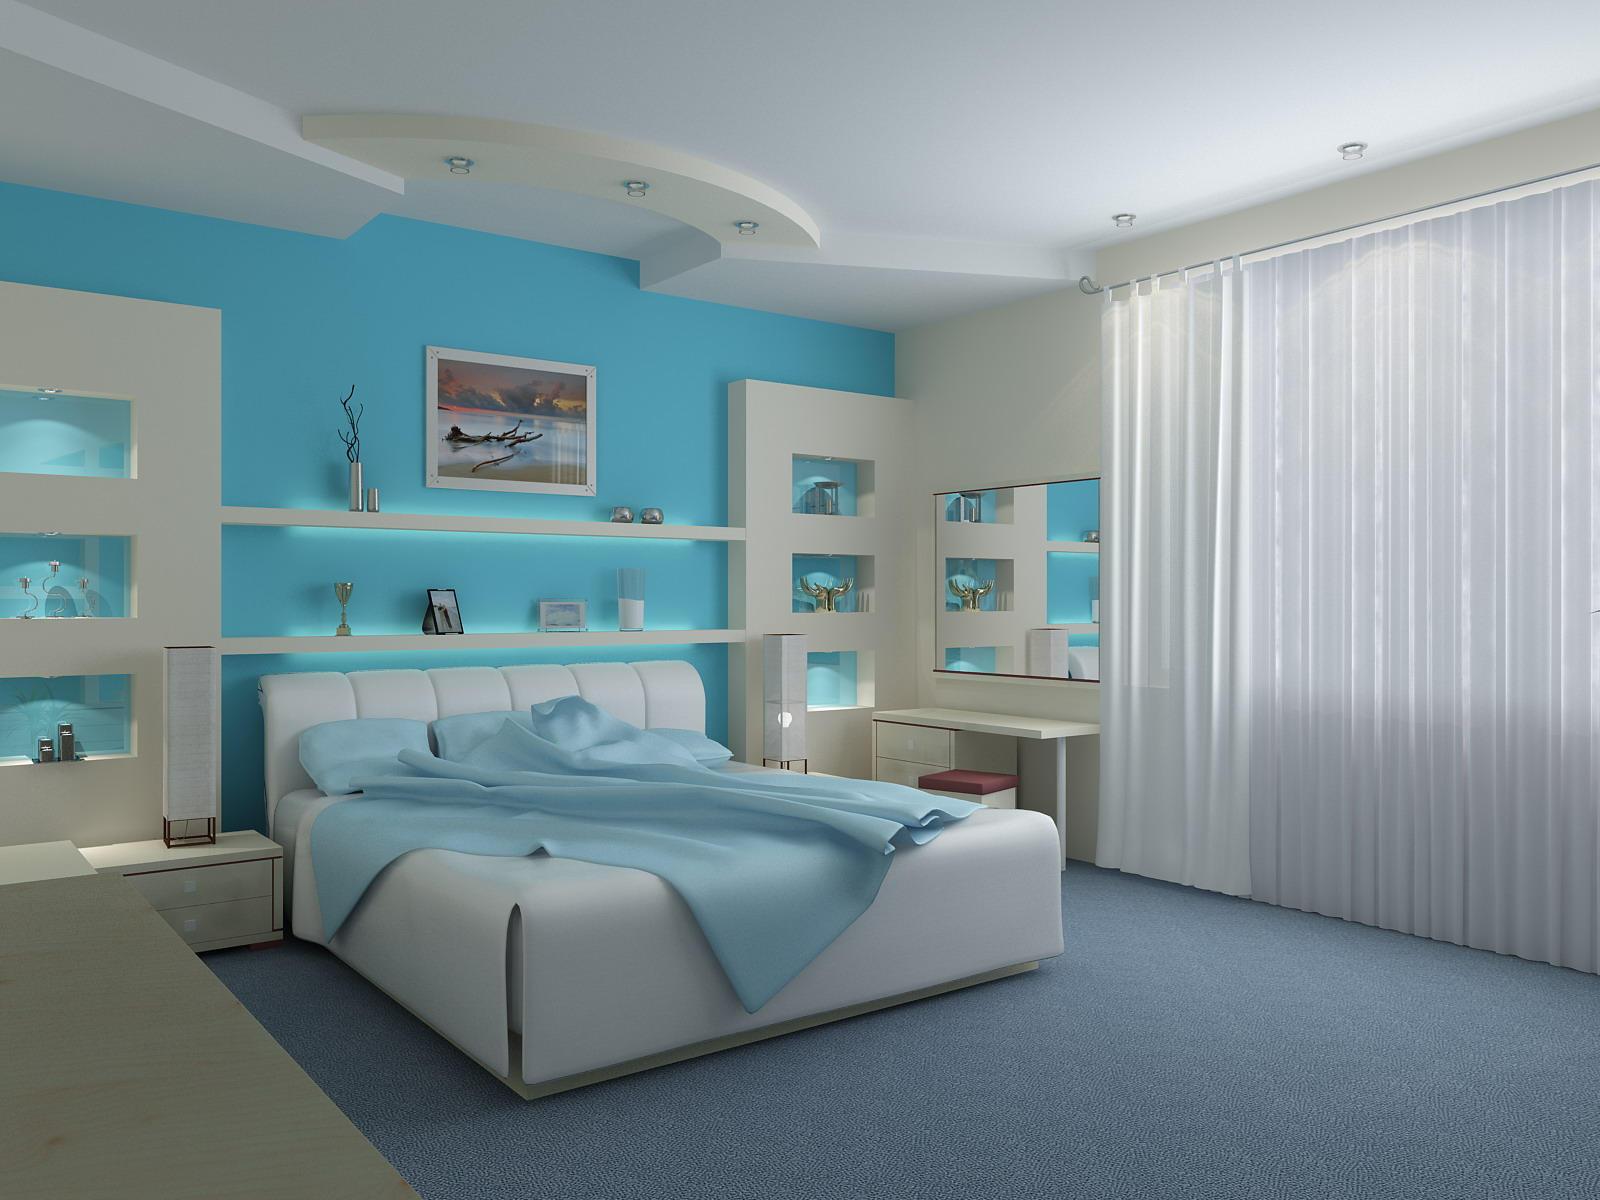 'Sealike' Bedroom by rOSTyk